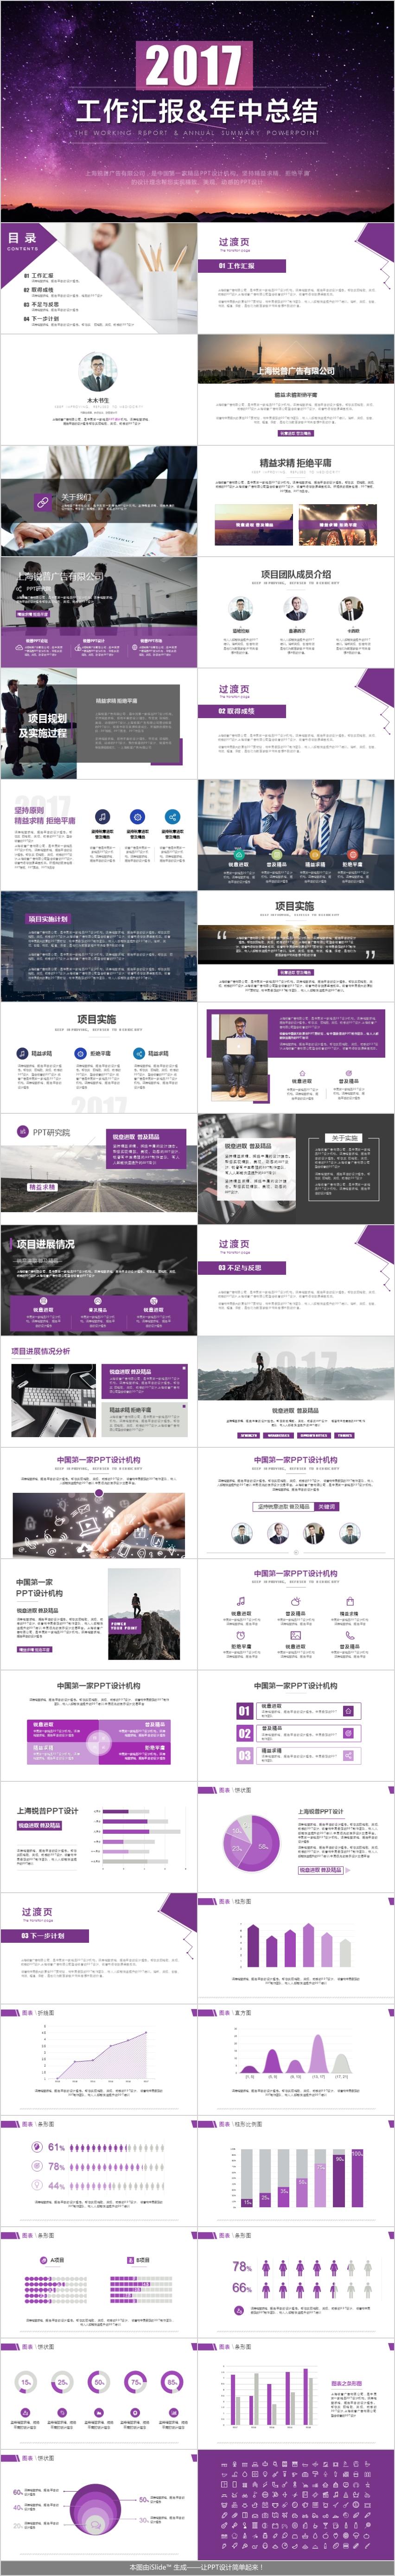 紫色扁平商务总结工作汇报企业信息教育简约PPT模板